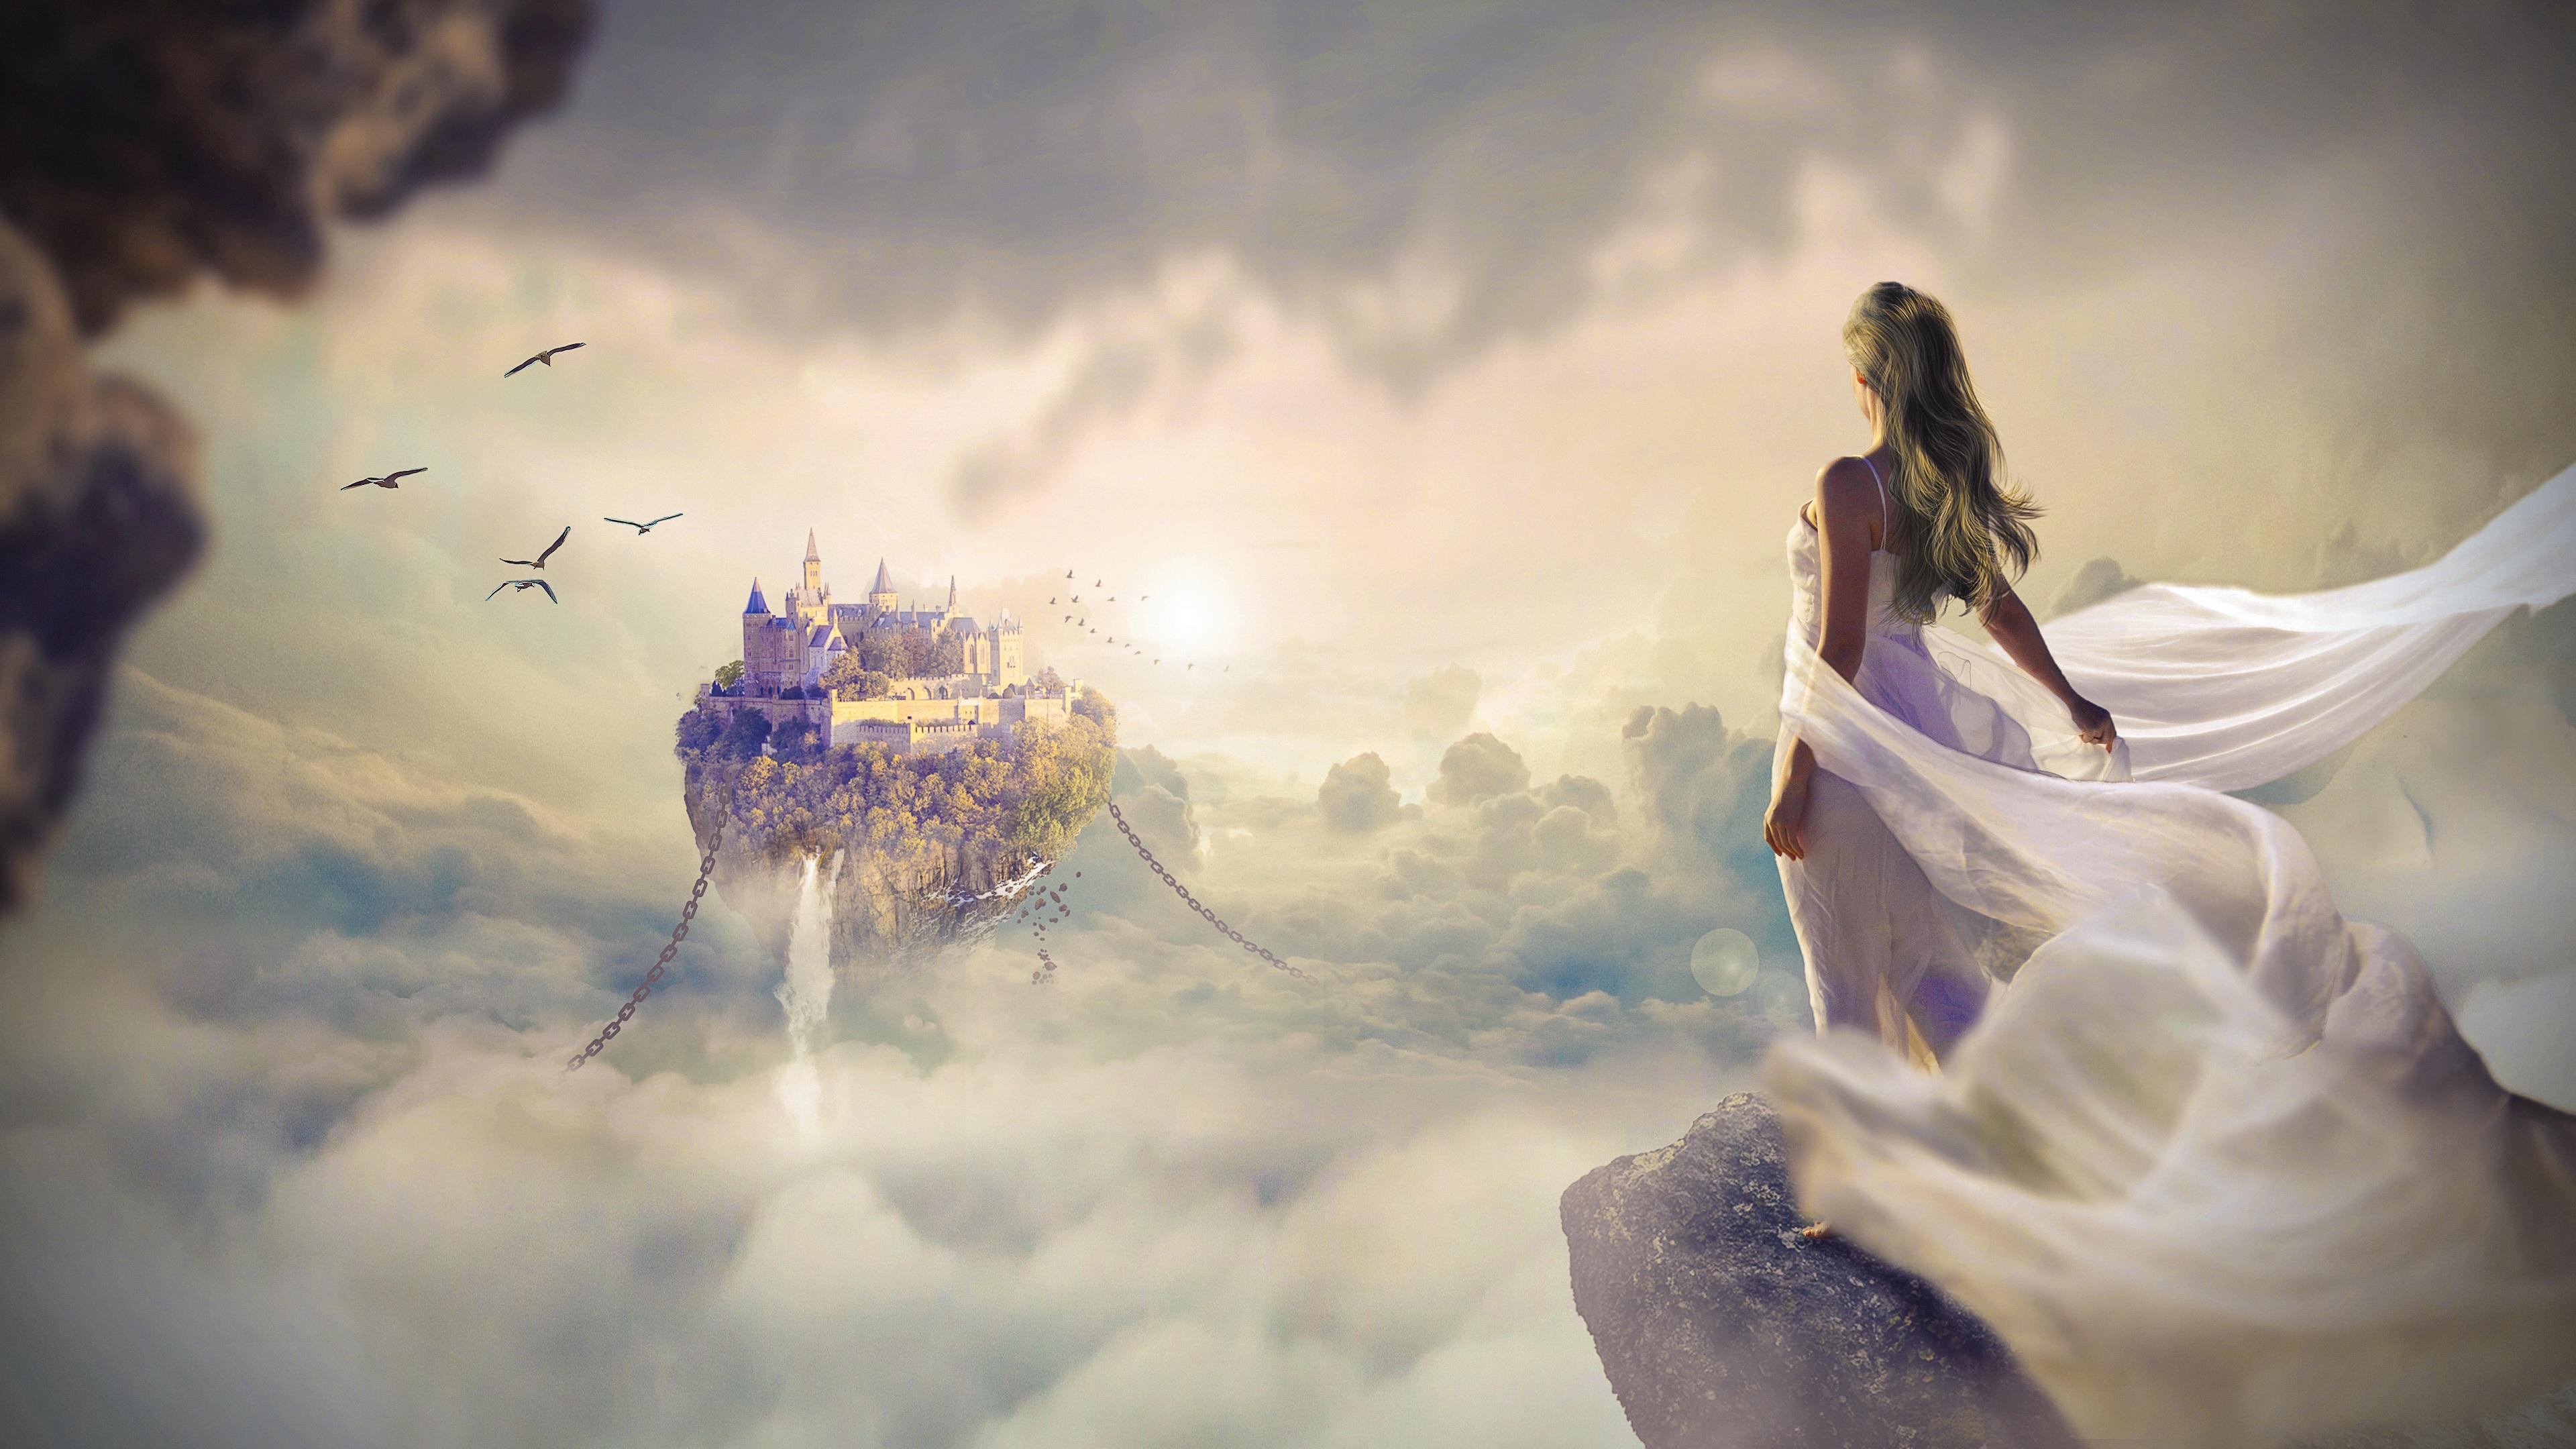 Фантастически сказочный дворец в штурмующем море и девушка на краю обрыва